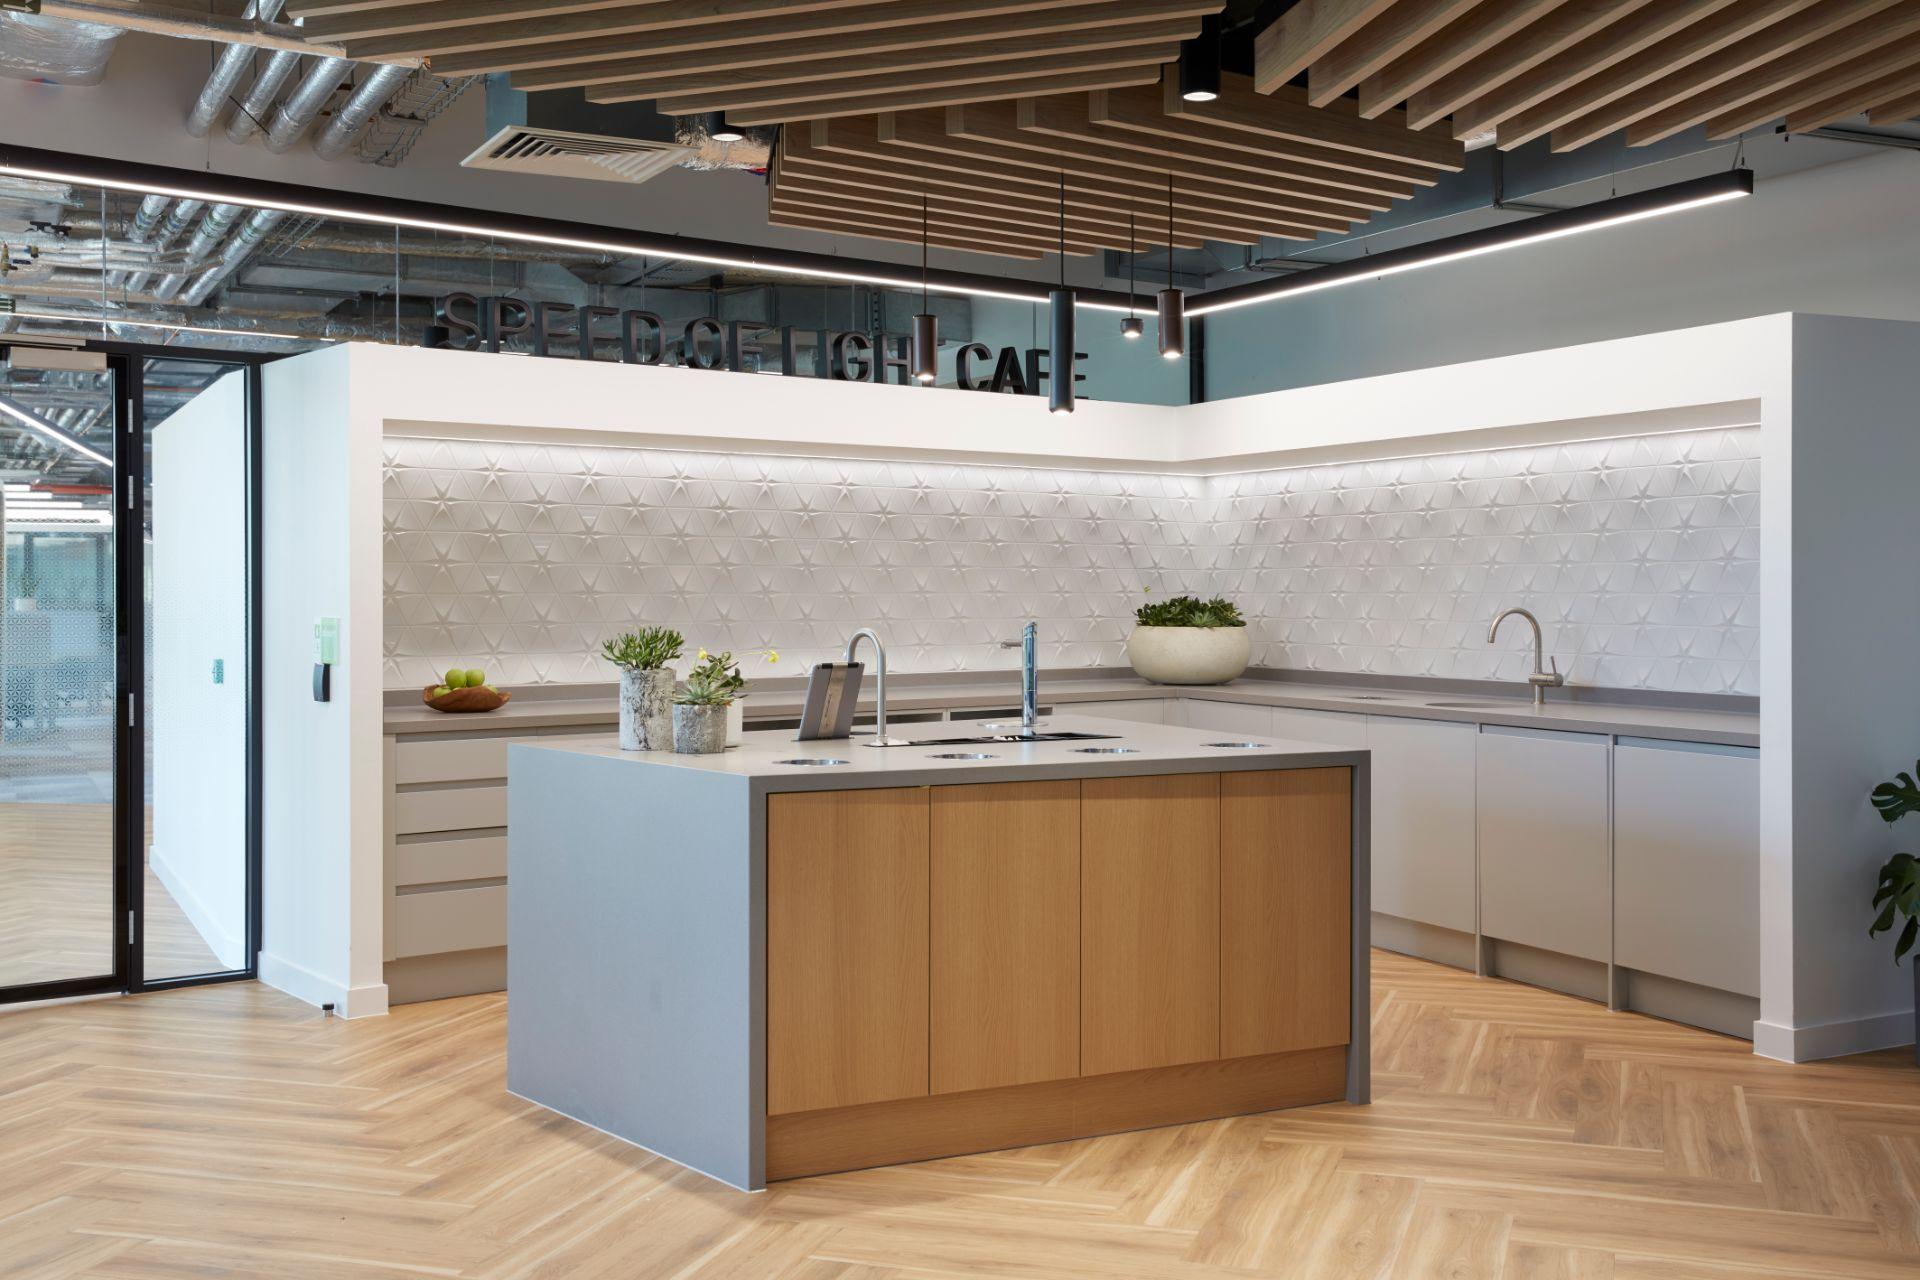 299lighting-kitchen-area.jpg